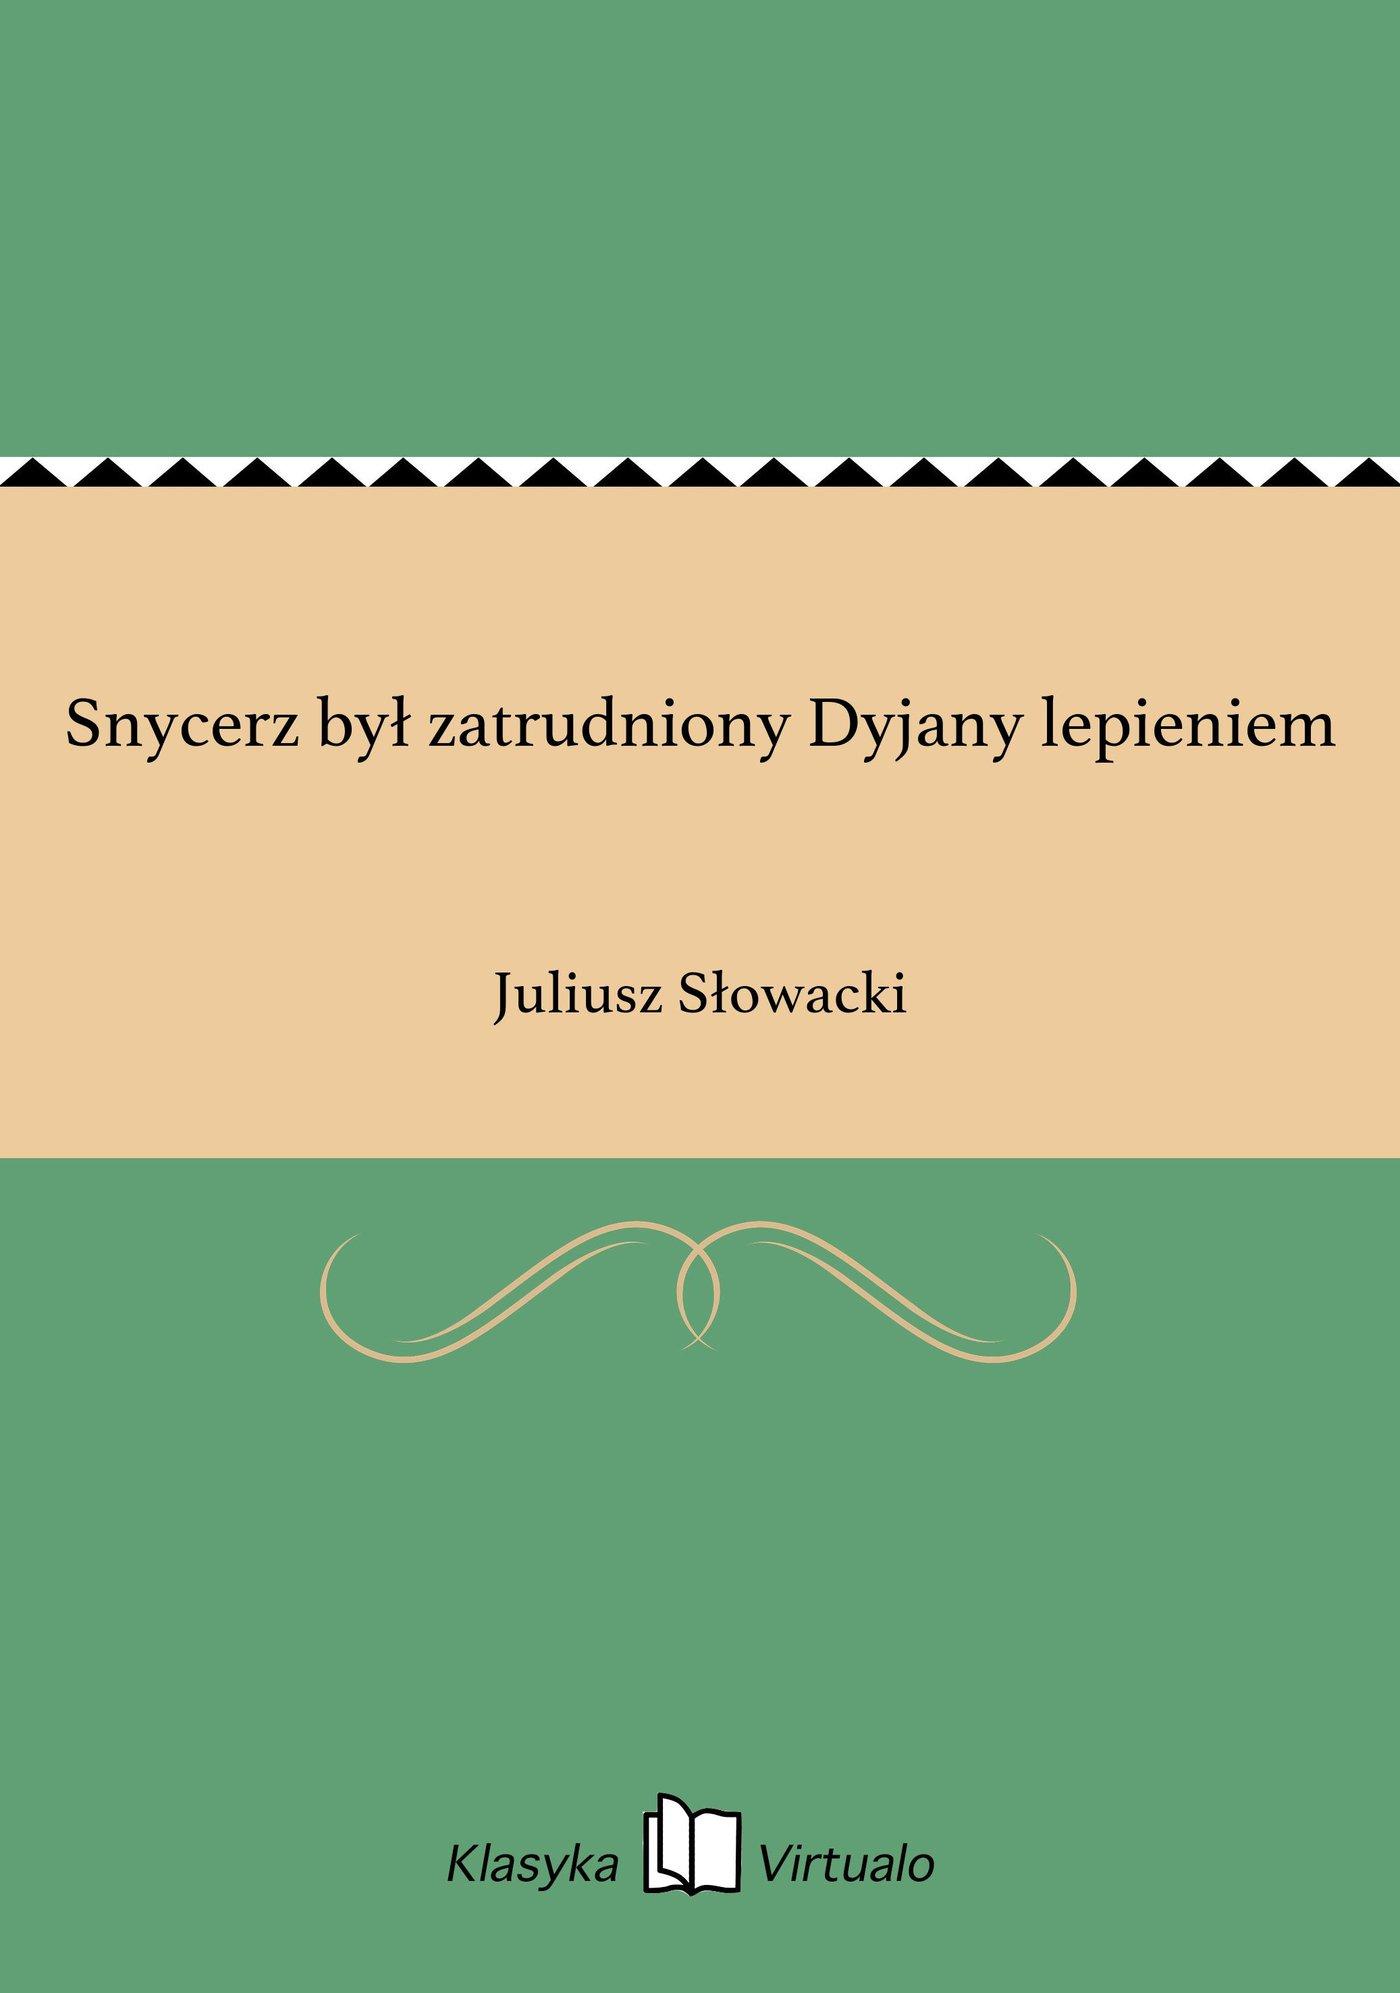 Snycerz był zatrudniony Dyjany lepieniem - Ebook (Książka EPUB) do pobrania w formacie EPUB